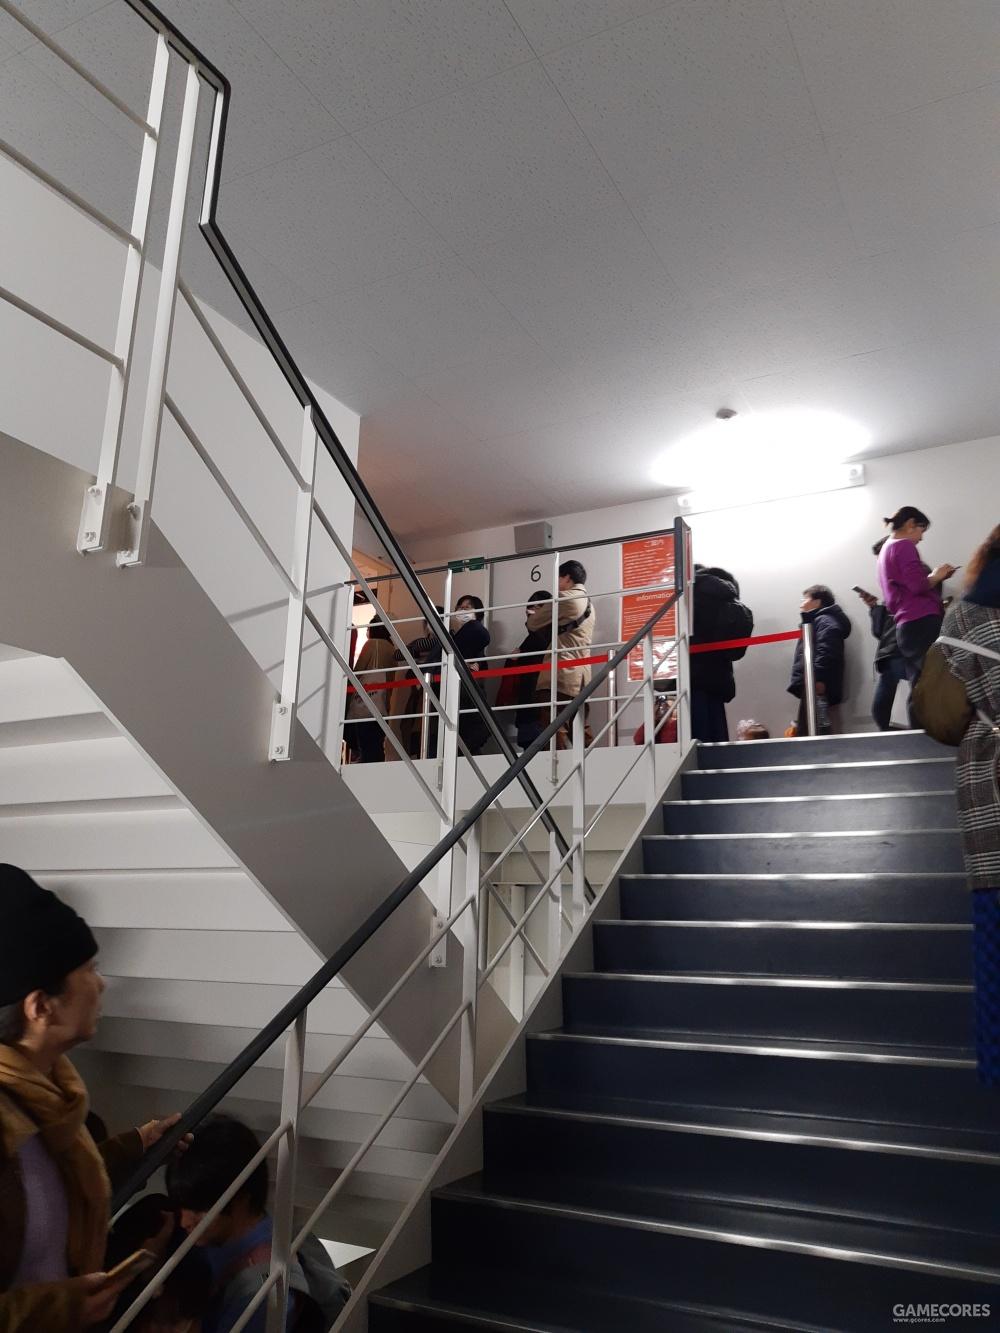 谁知道队伍隐藏在后楼梯了。